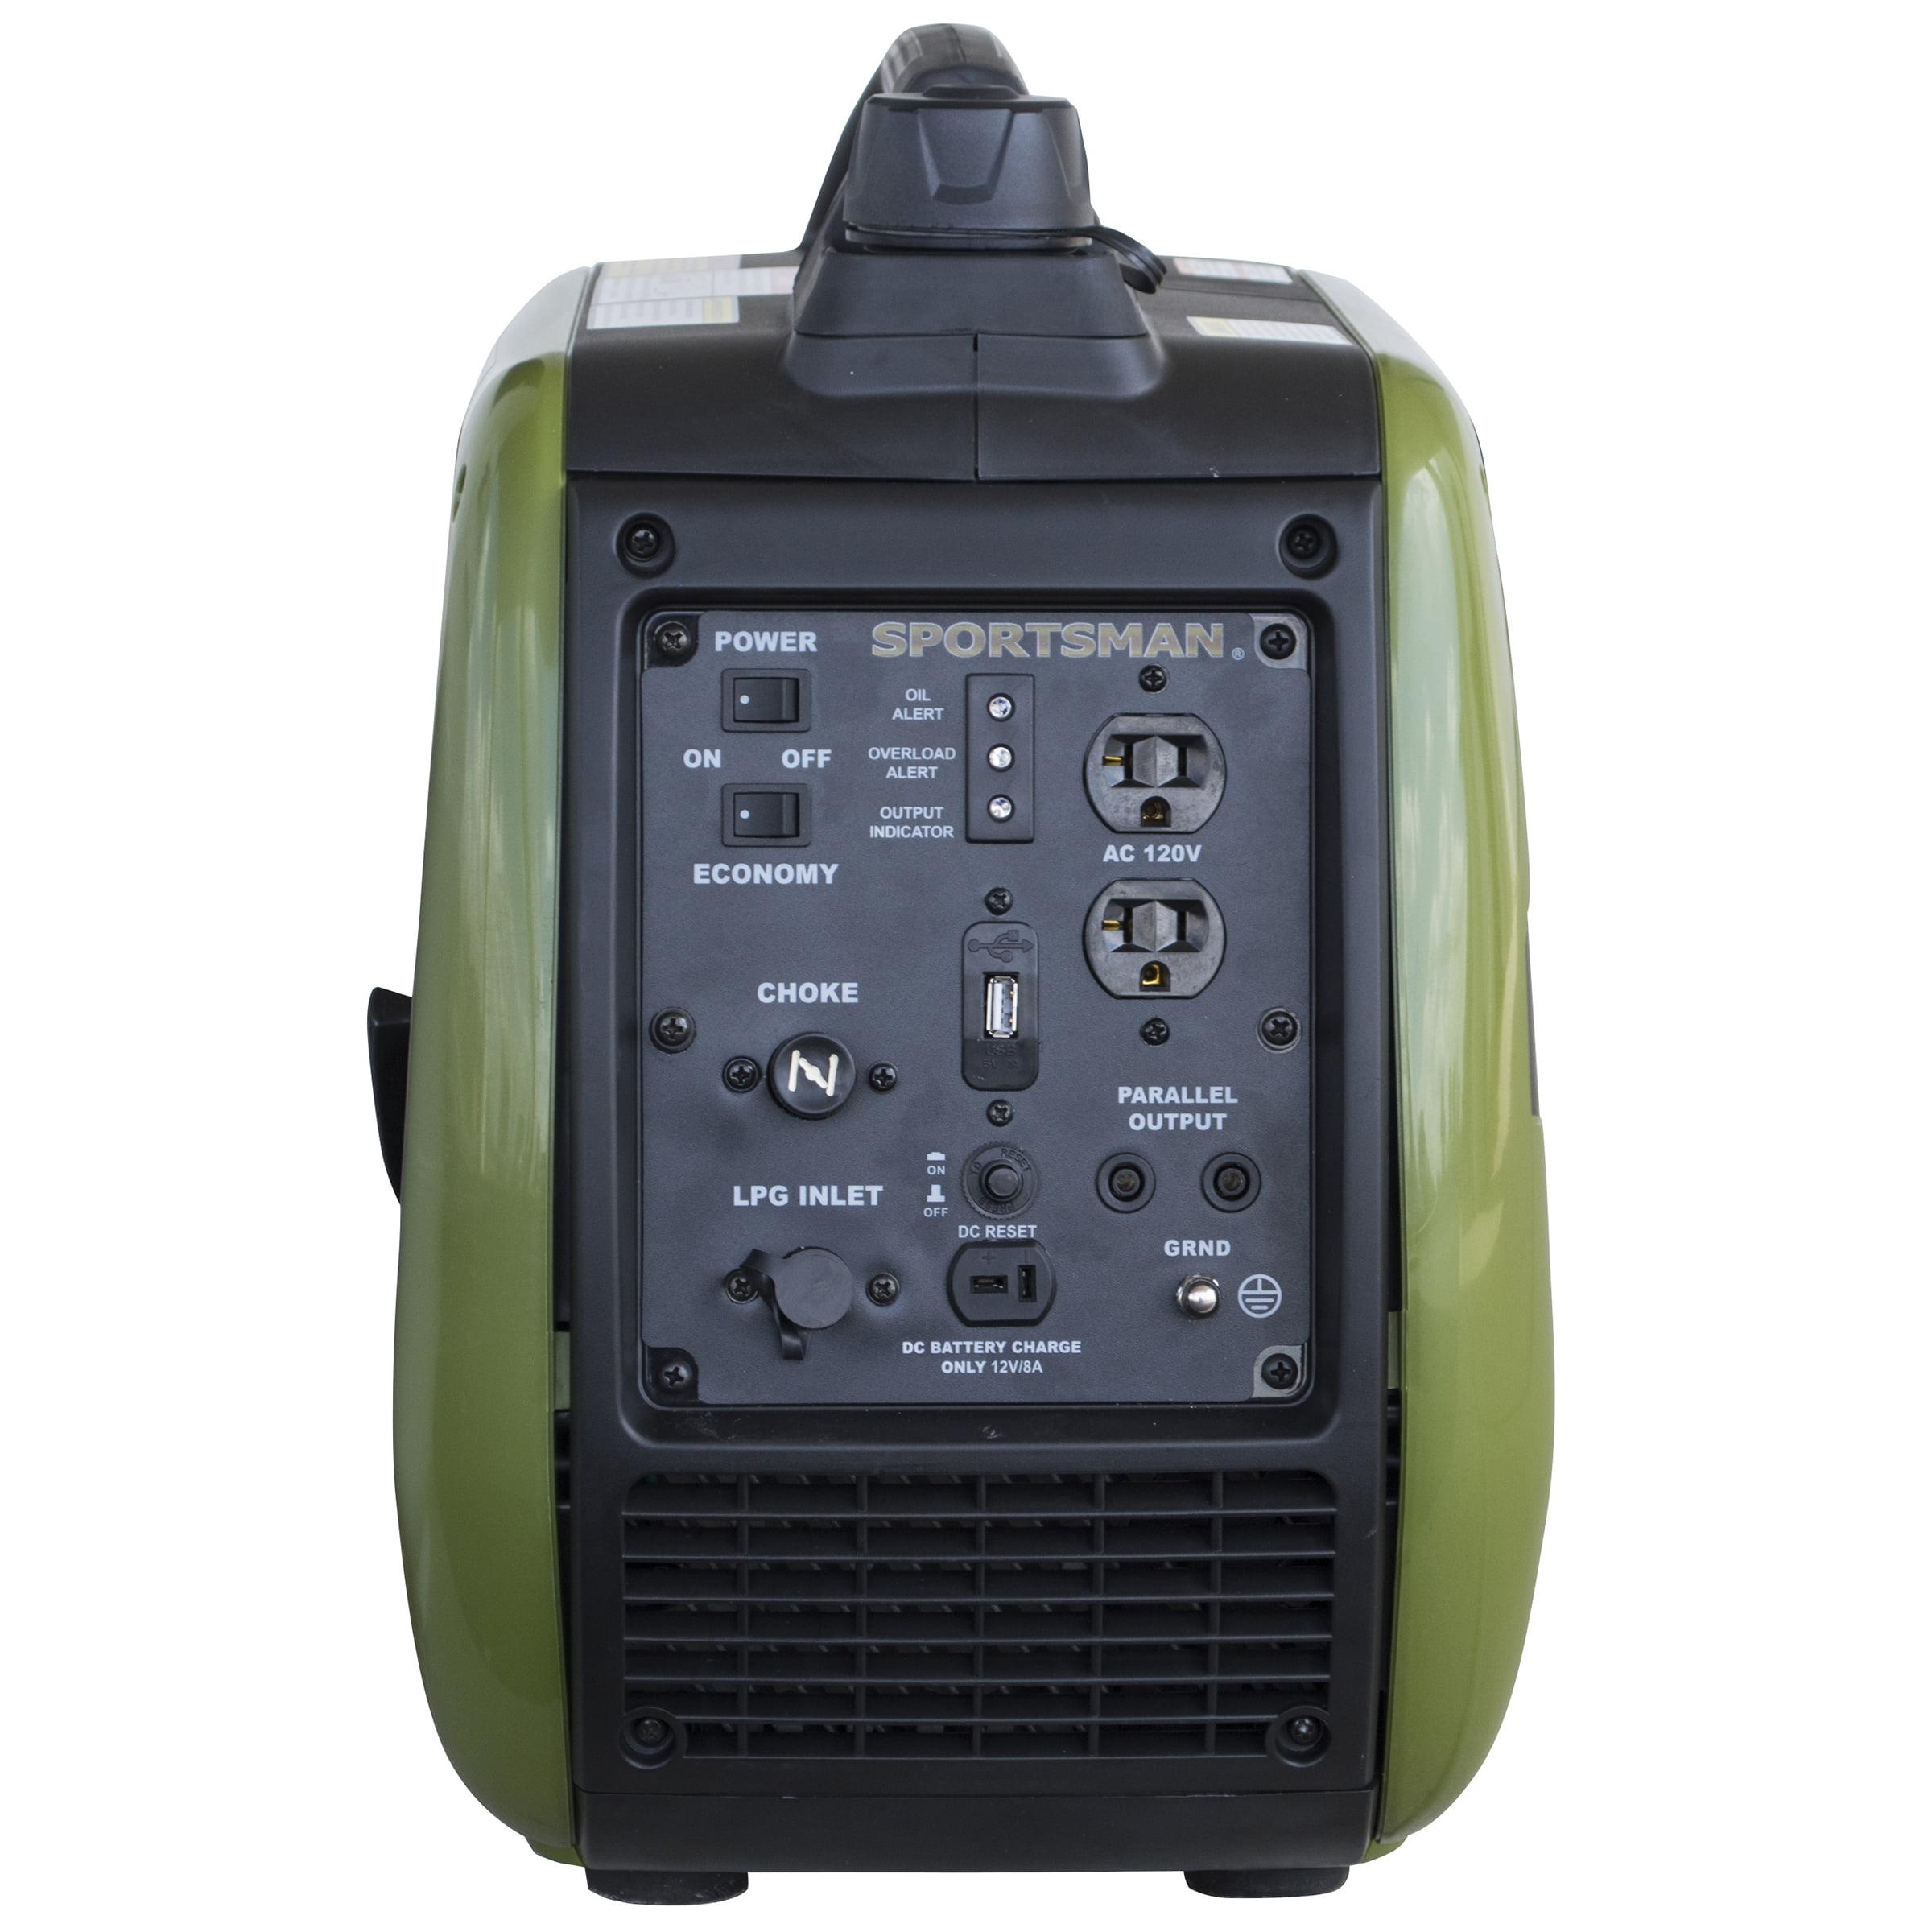 Sportsman 2200 Watt Dual Fuel Inverter Generator For Sensitive Electronics Walmart Com Walmart Com